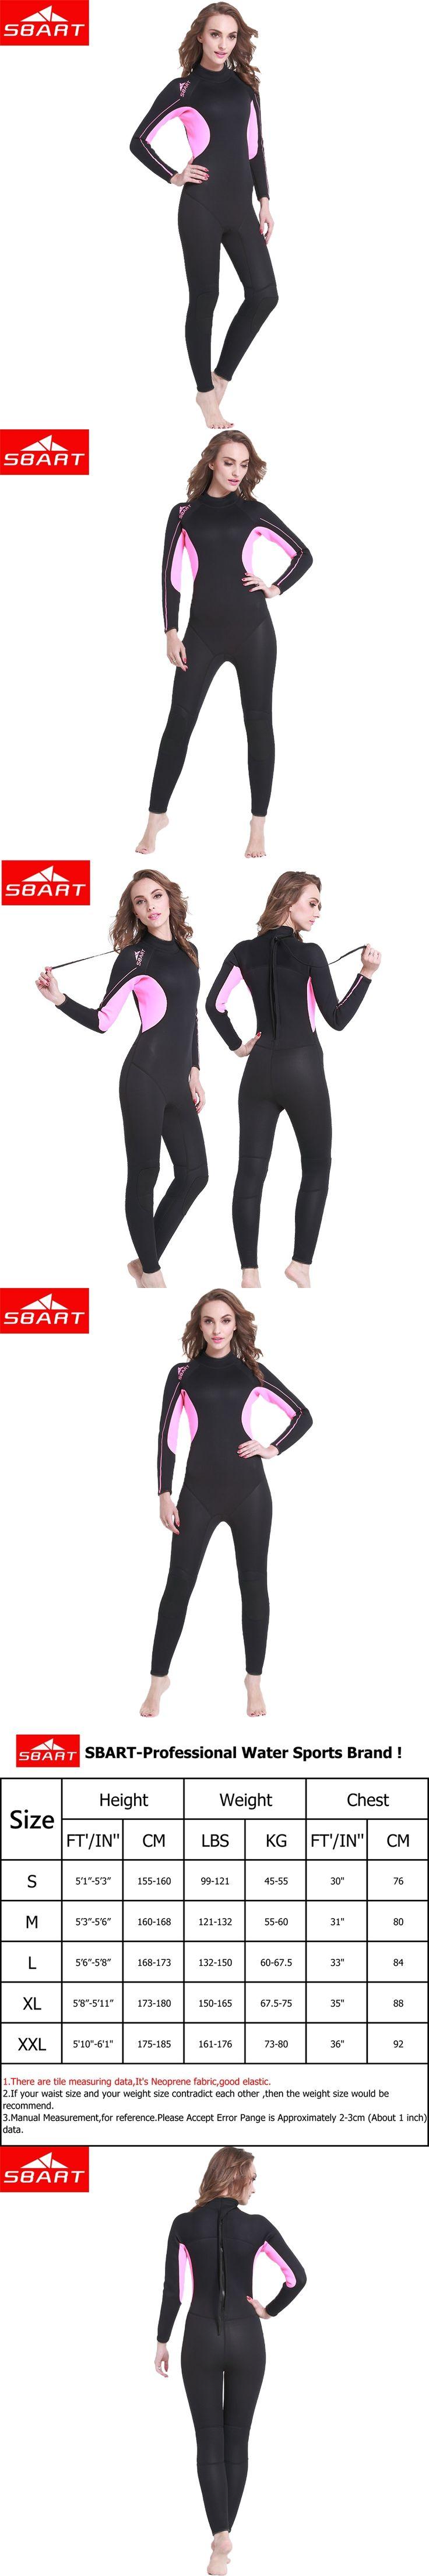 SBART Full Body Neoprene Wetsuit Women Surfing 3MM Diving Suit Anti-UV Diving Equipment Triathlon Wetsuits for Women Swimming J